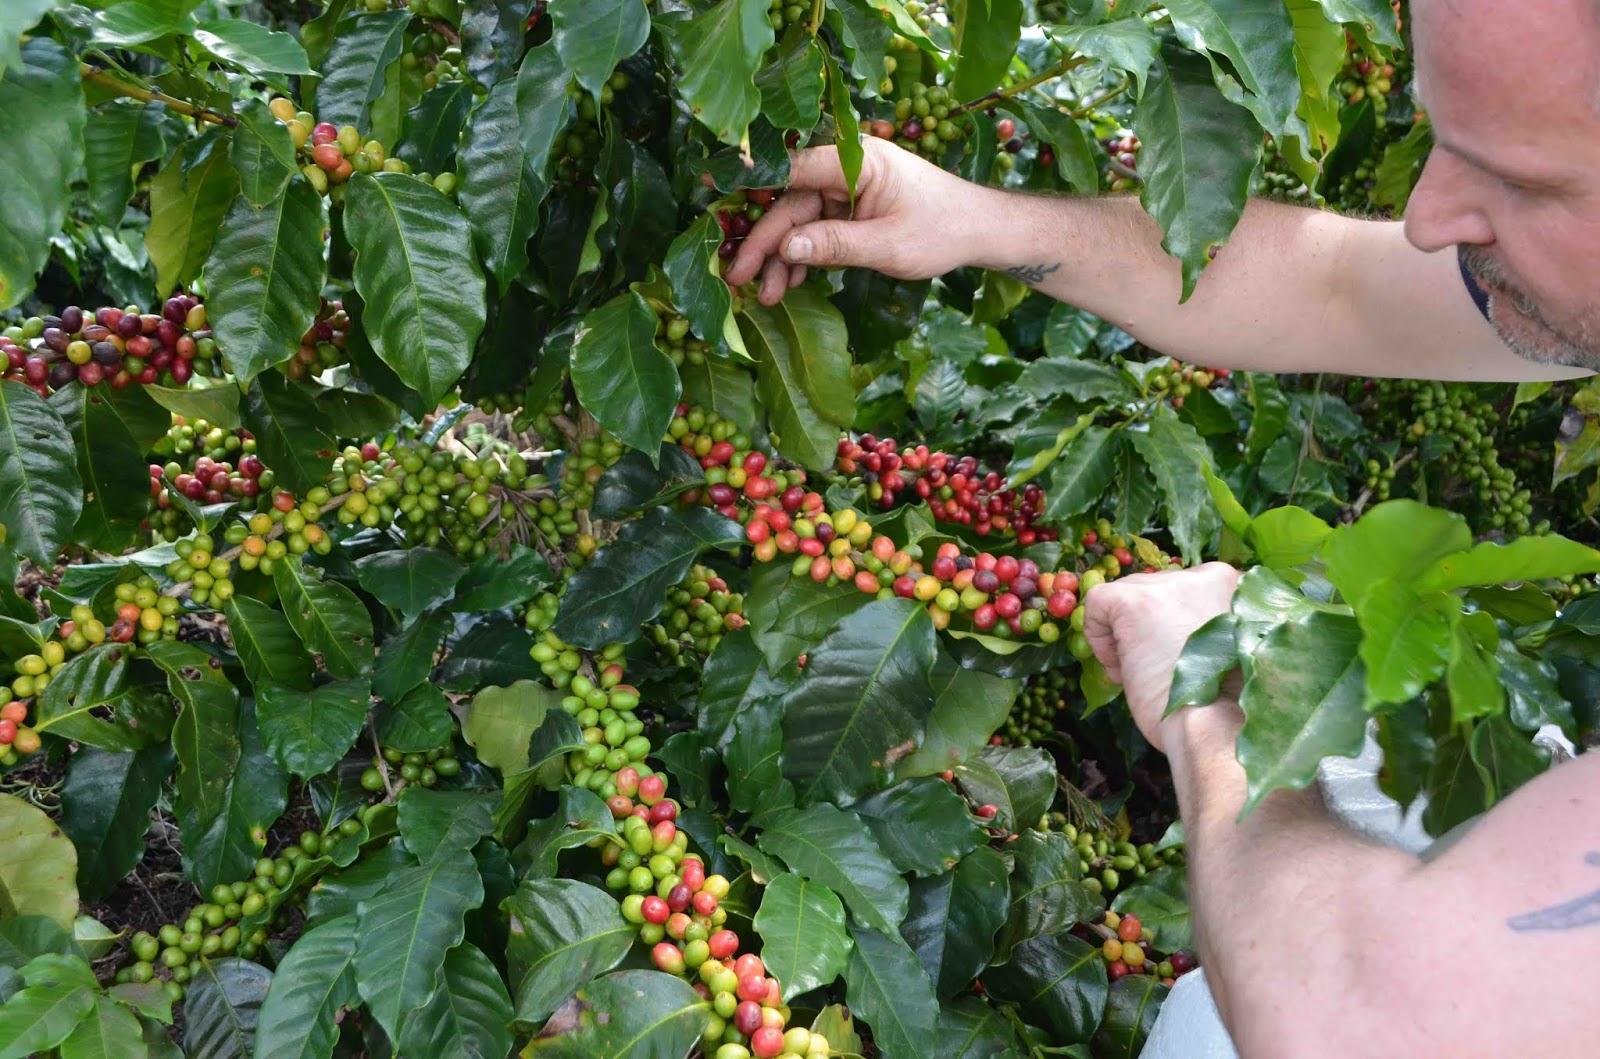 Immagini Di Piante E Alberi andrej godina caffesperto: la pianta del caffè. potatura e